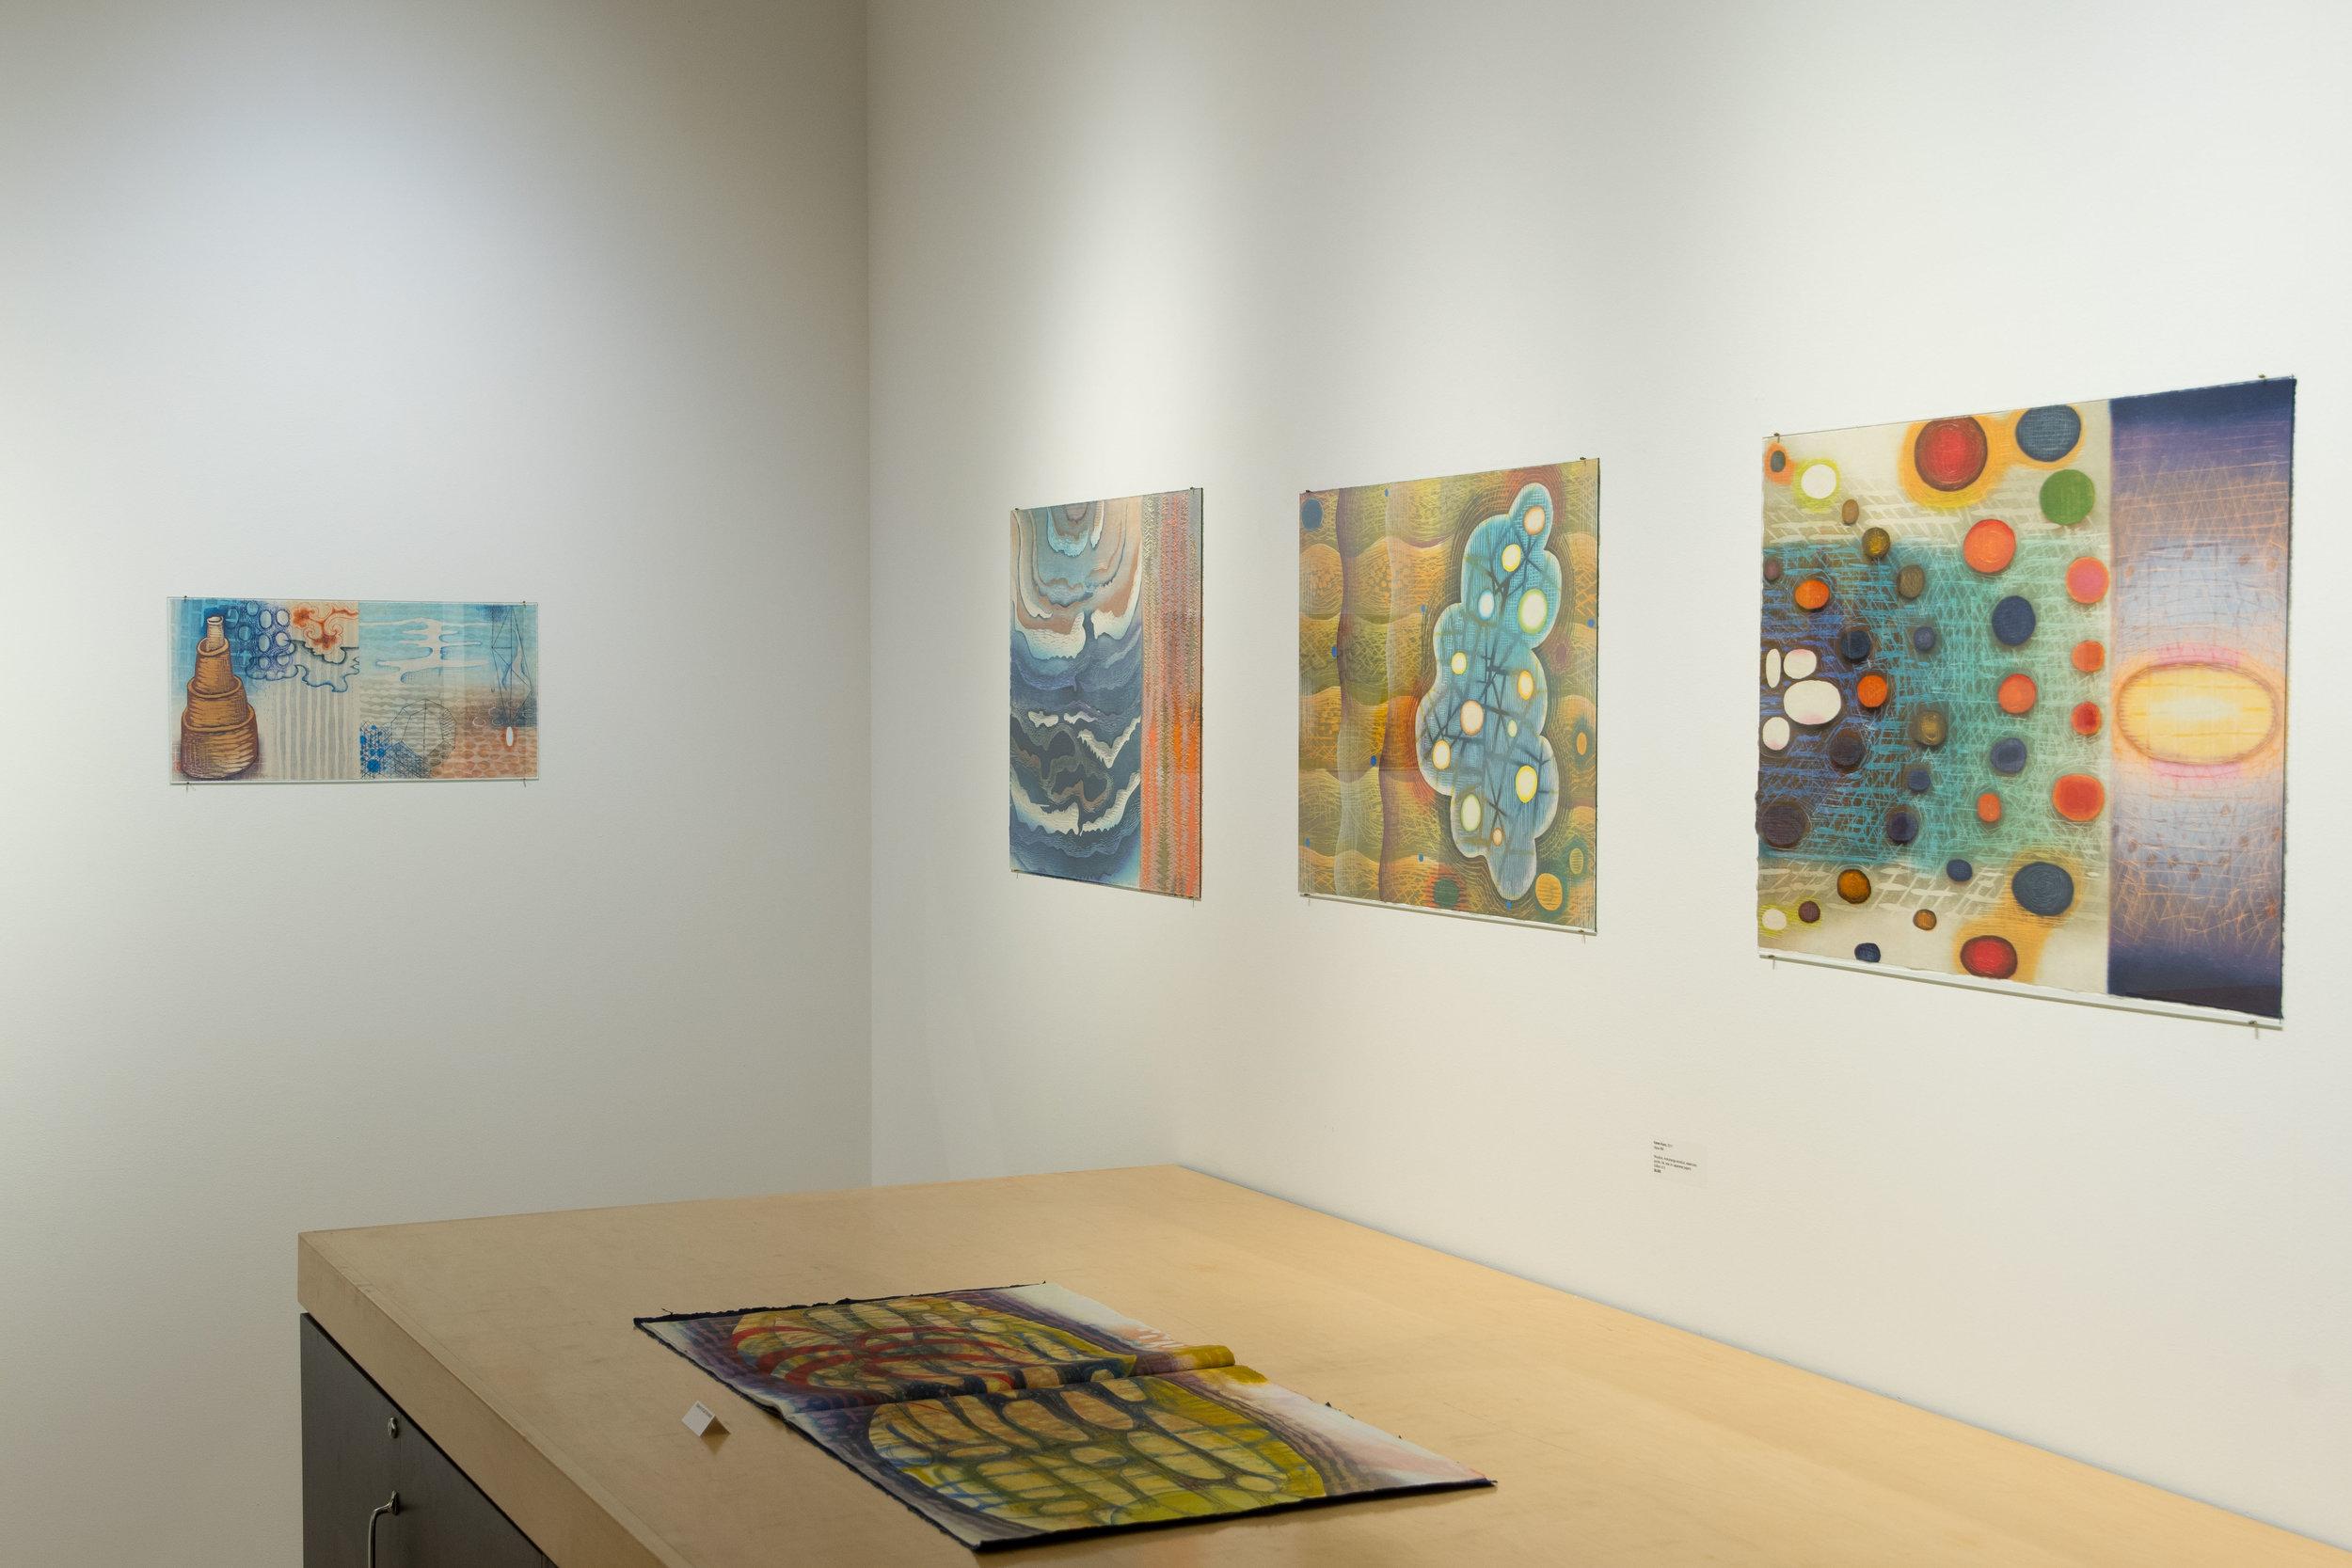 Highpoint ExhibitWeather by Karen Kunc190815a0030.JPG